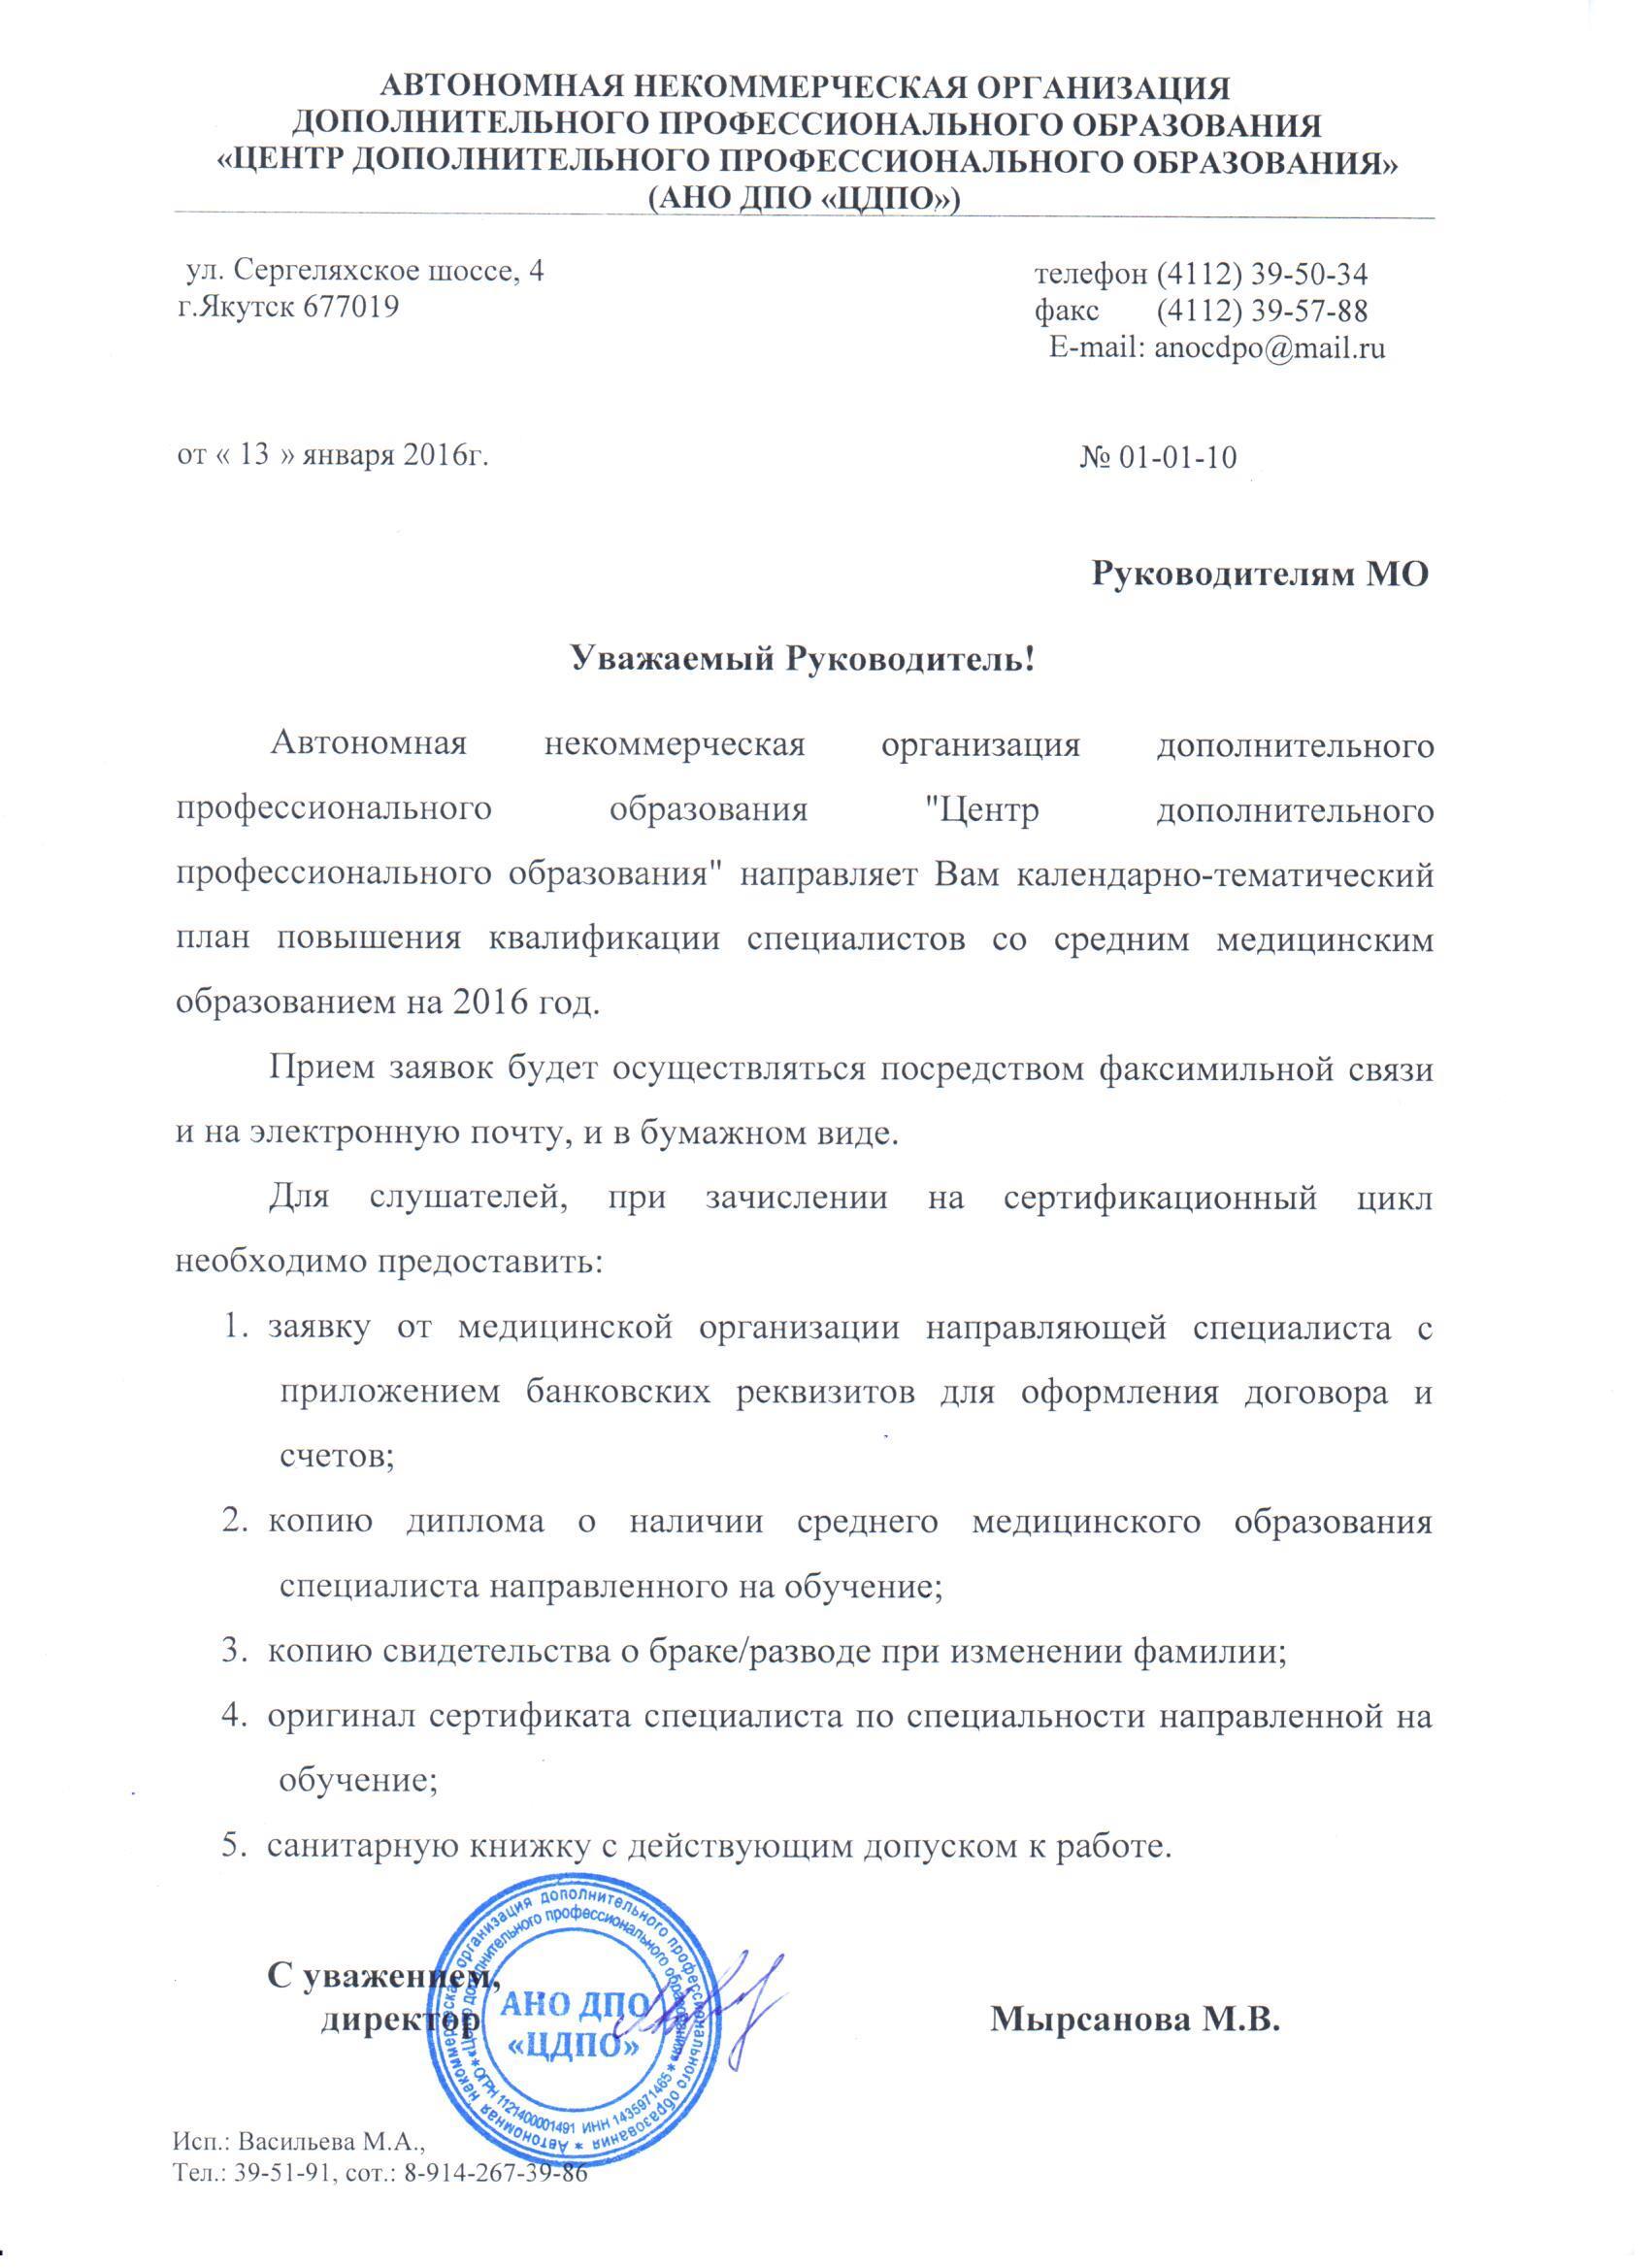 pismo_rukovoditelya